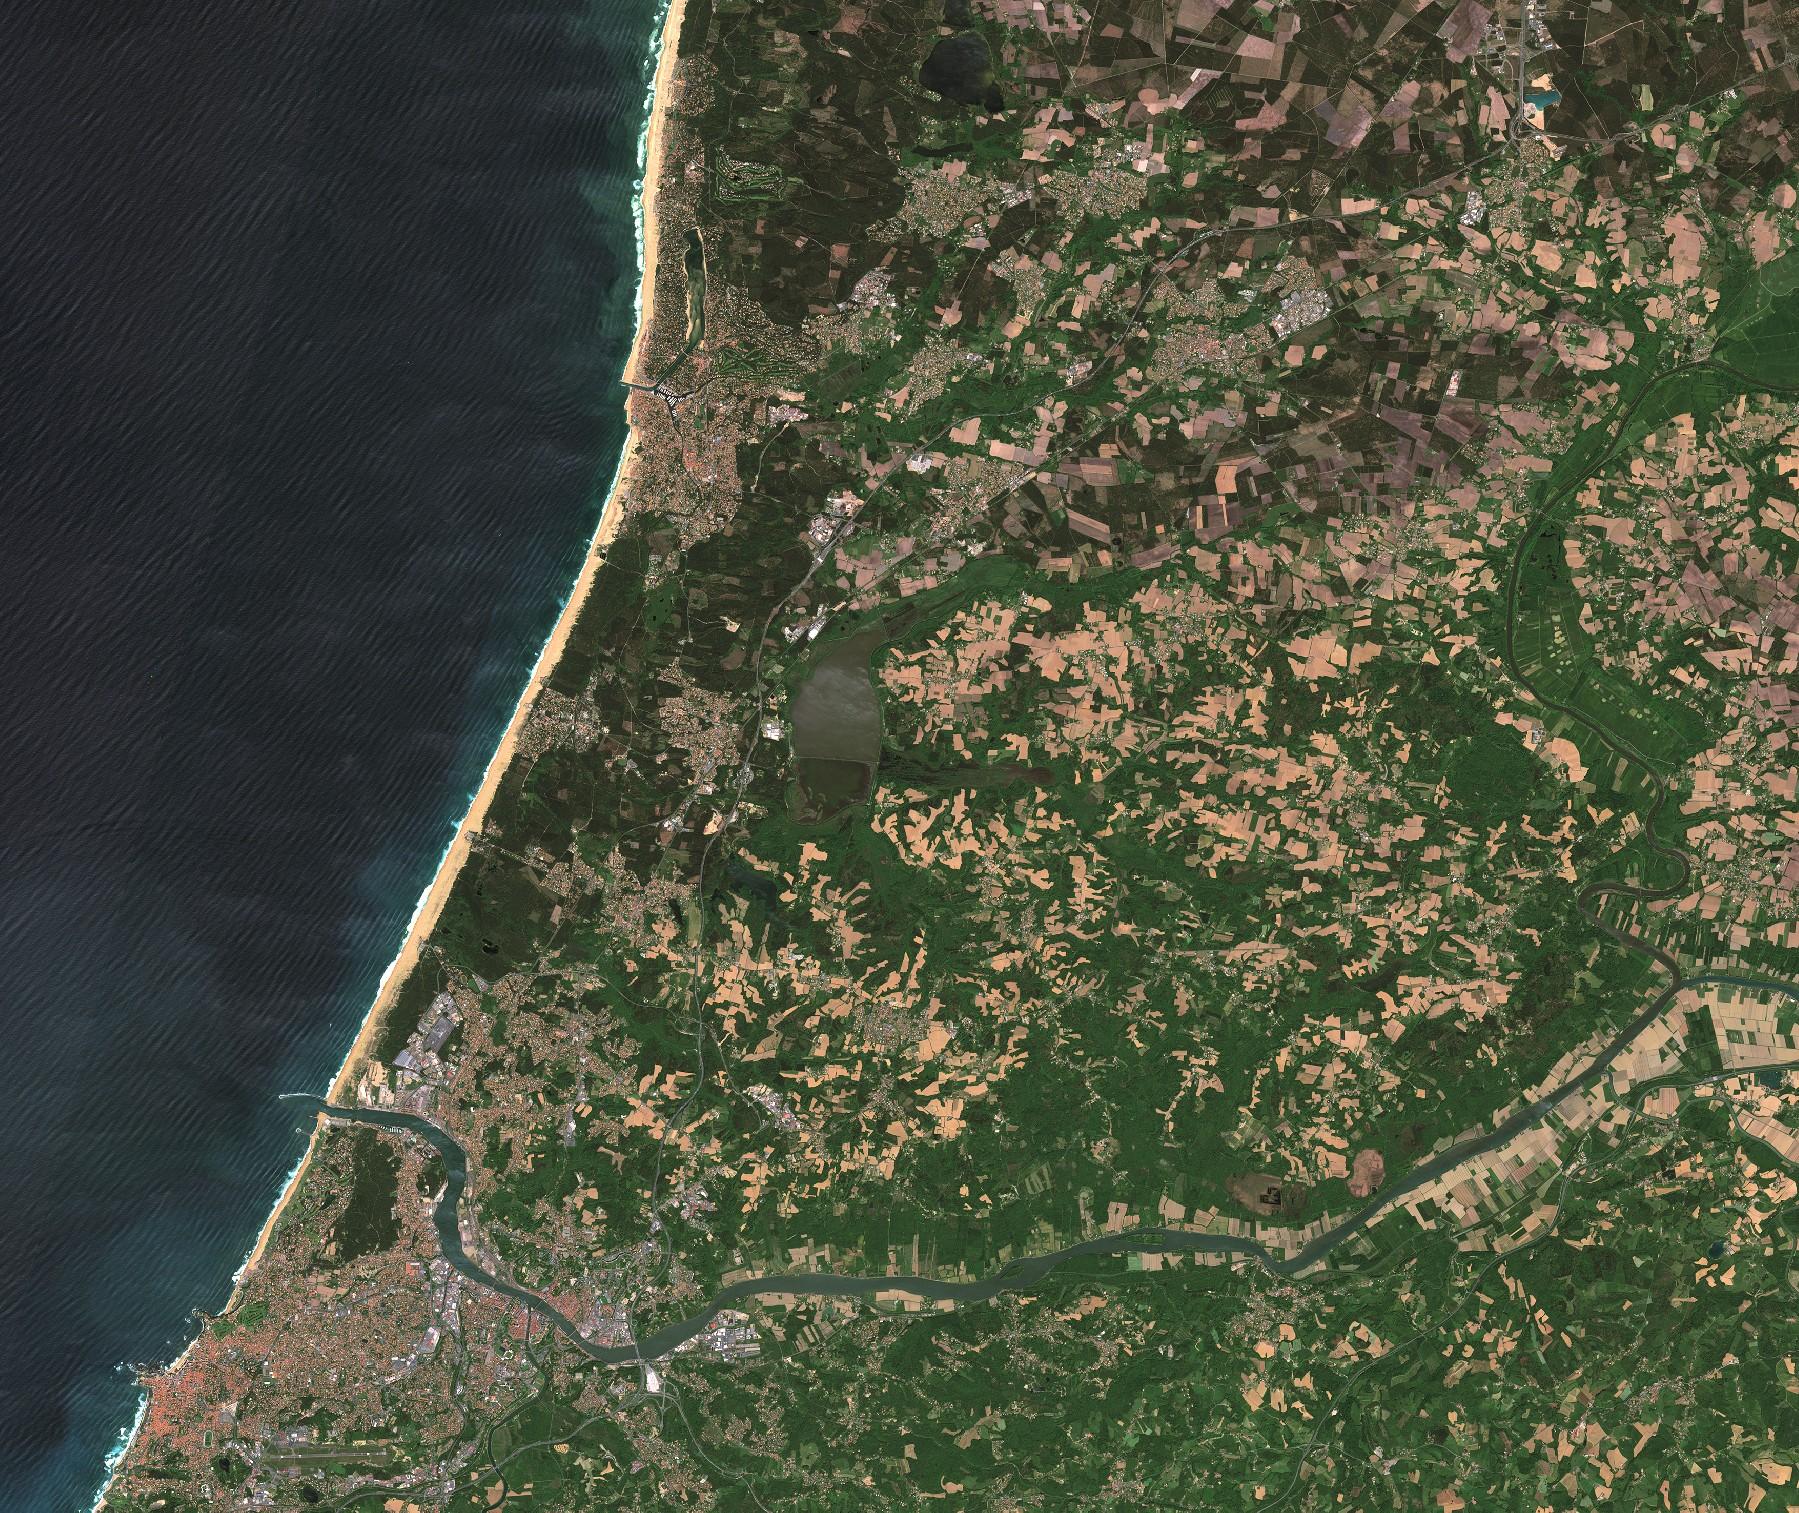 Quiz - Image satellite et environnement - dernier indice - Un autre regard sur la Terre - Observation de la Terre - Earth Observation - ESA - Sentinel-2A